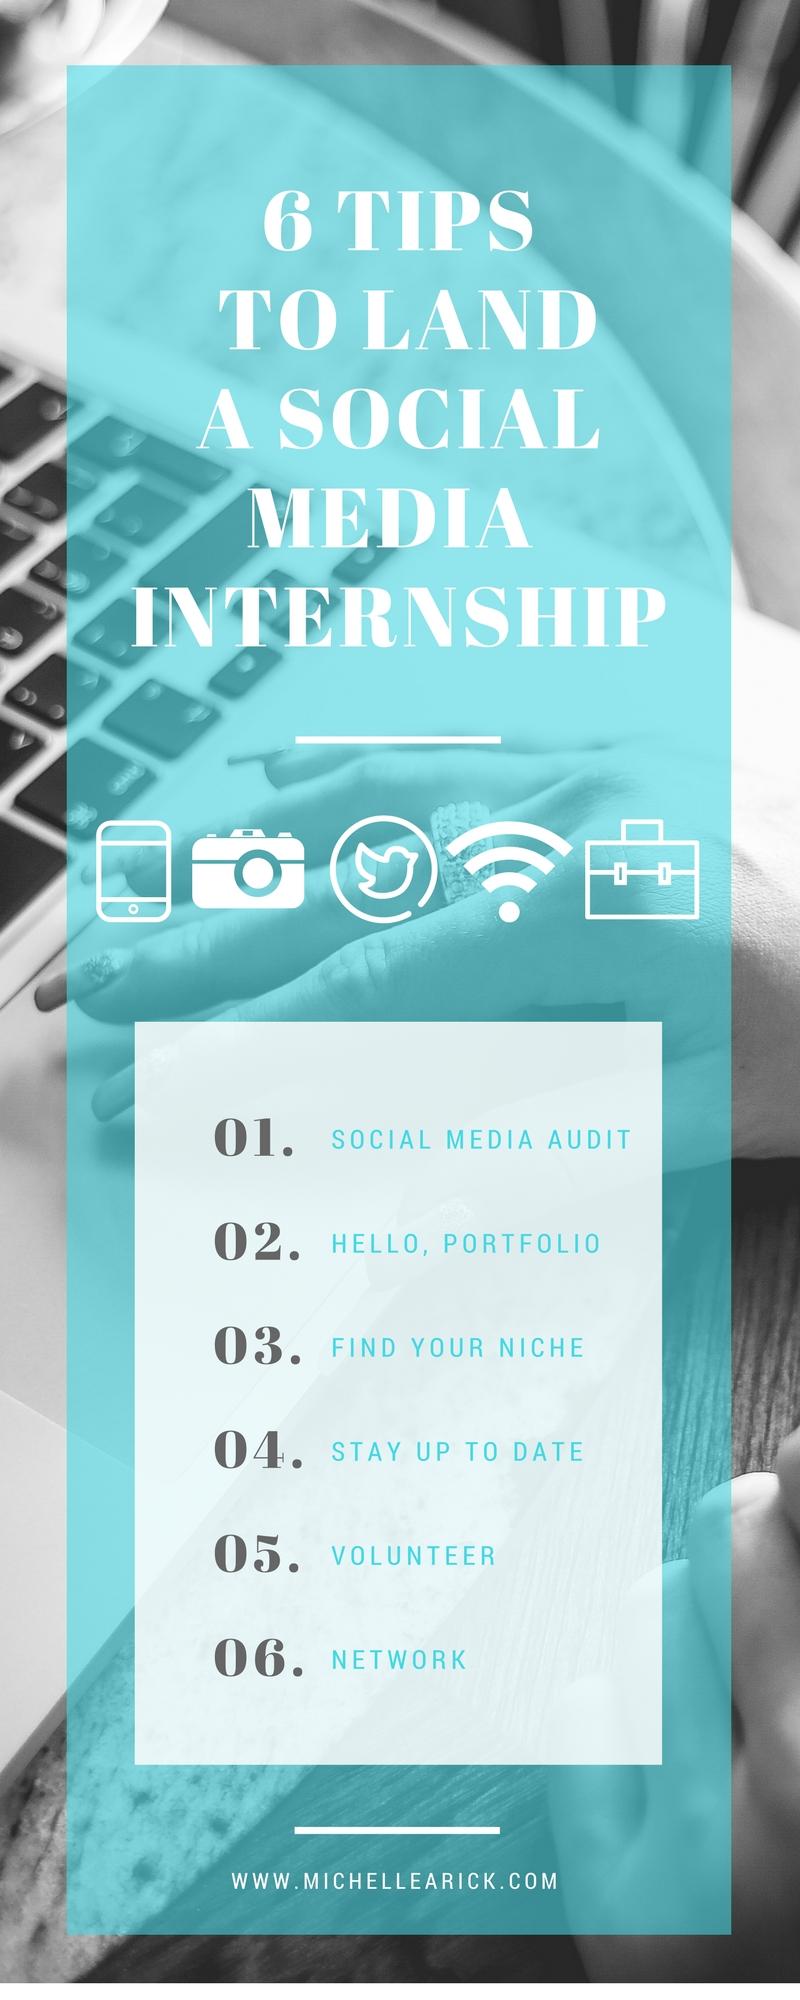 5 tips to land a social media internship